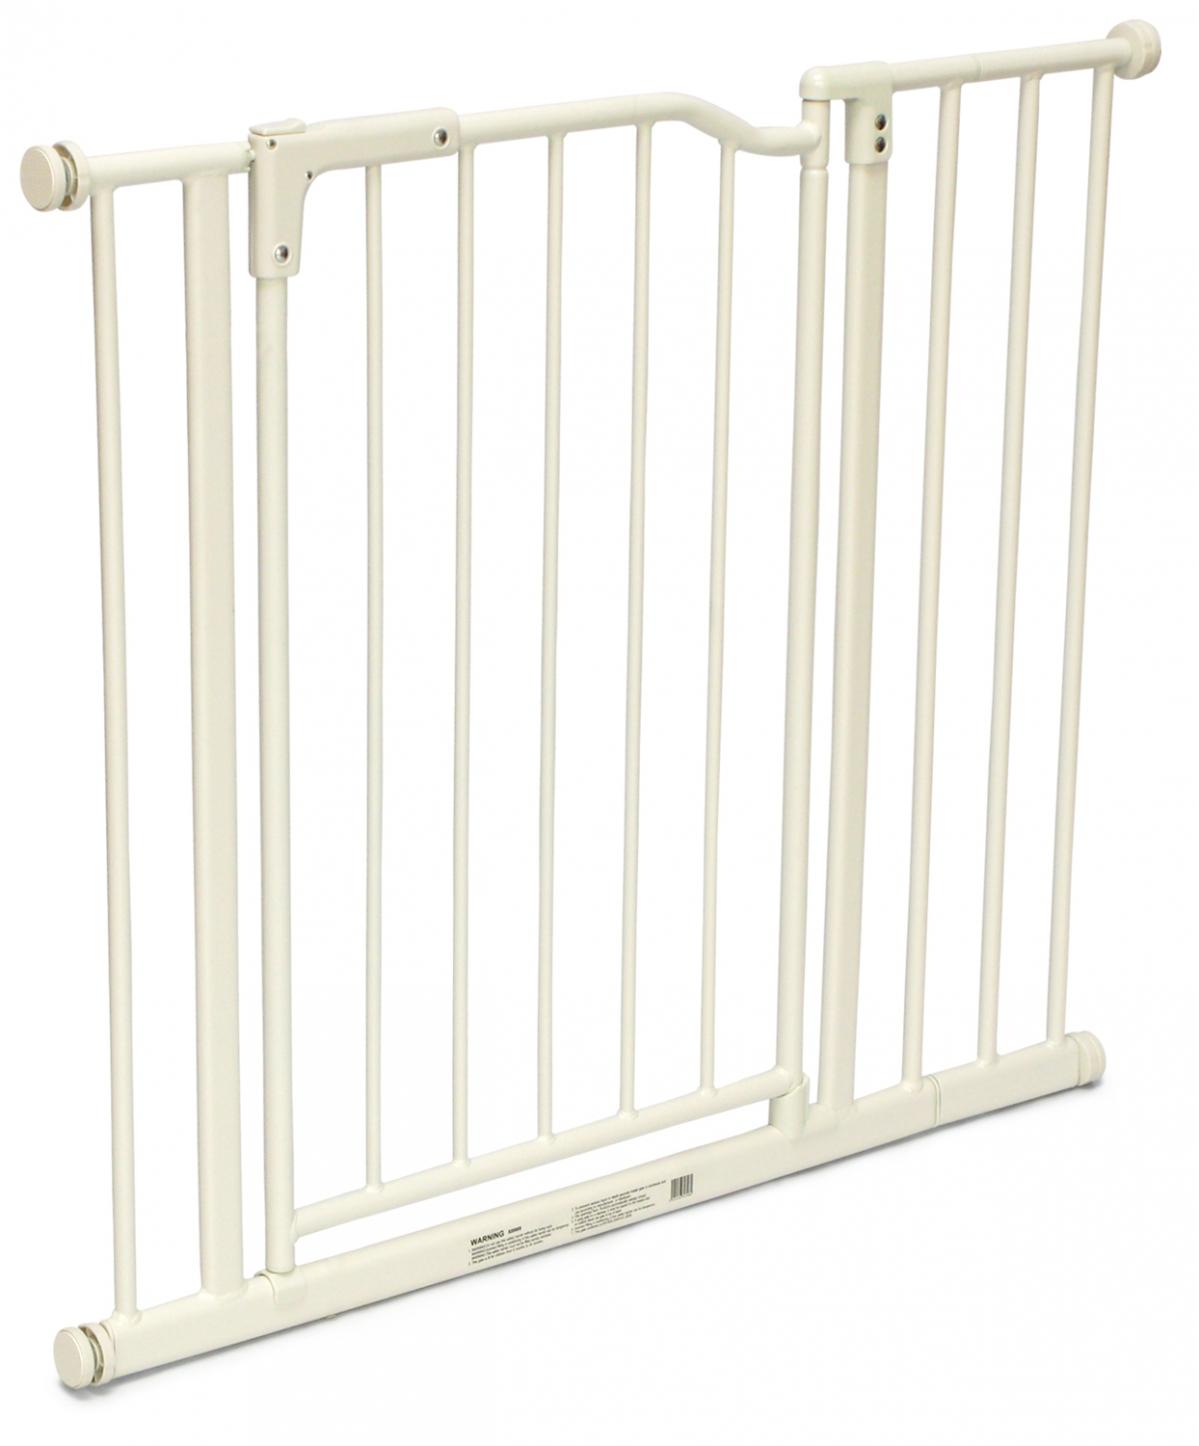 32005 Safety Gate Safety Gates Safety Gate